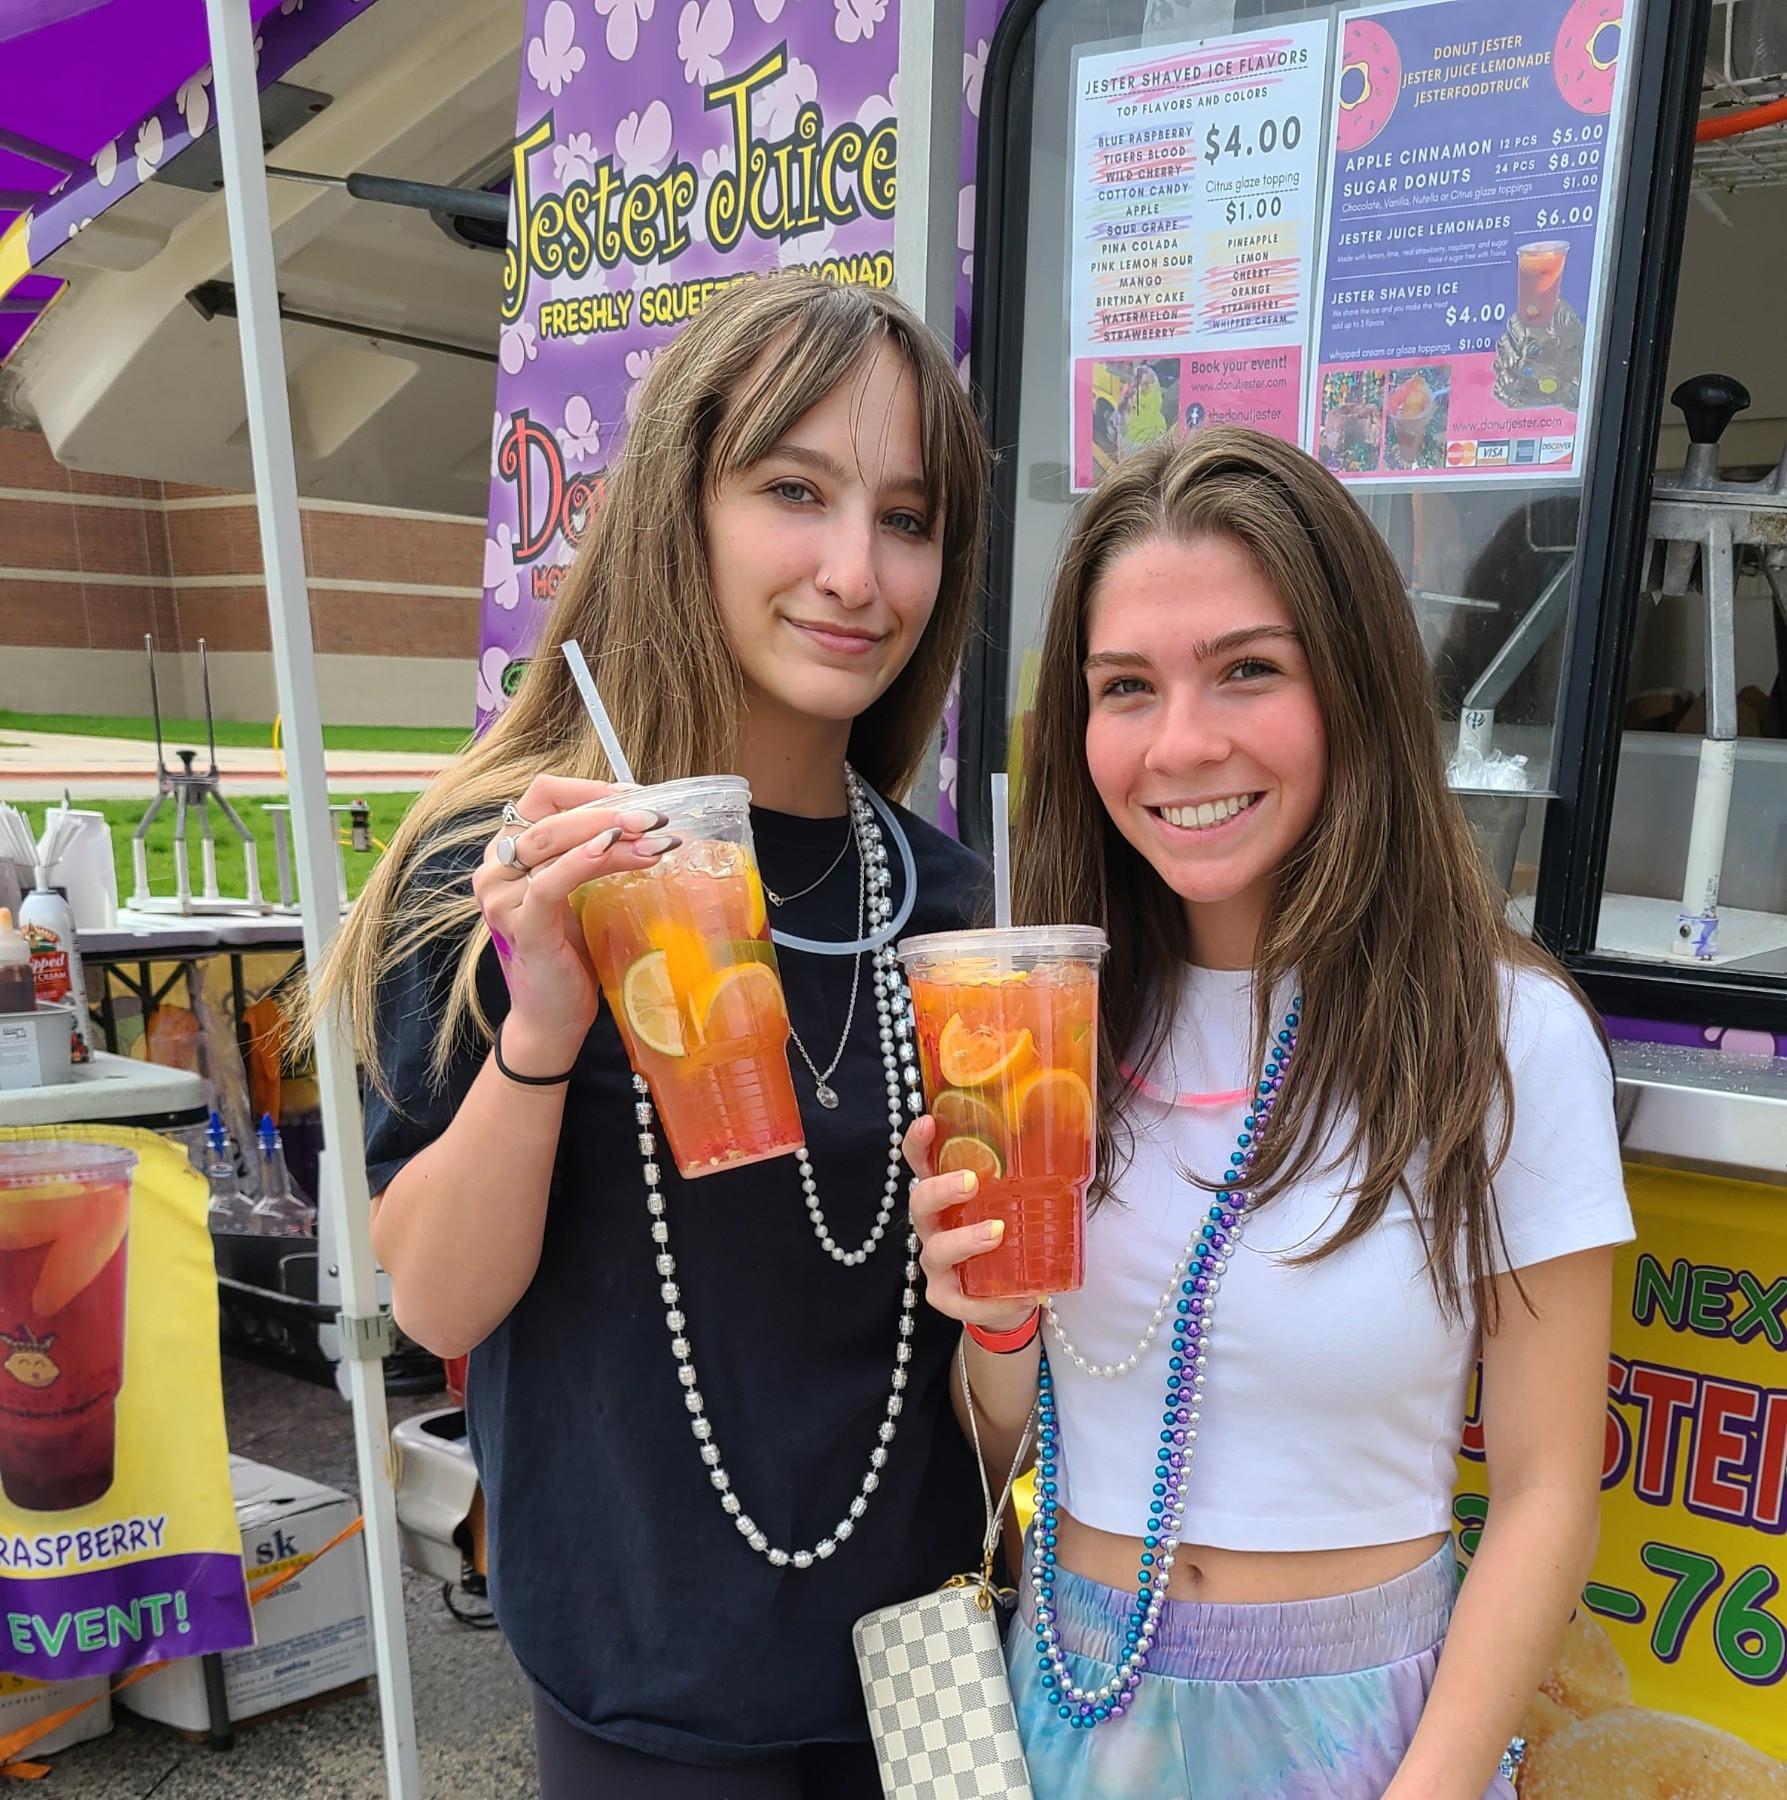 Jester Food Truck - Donuts & Lemonade